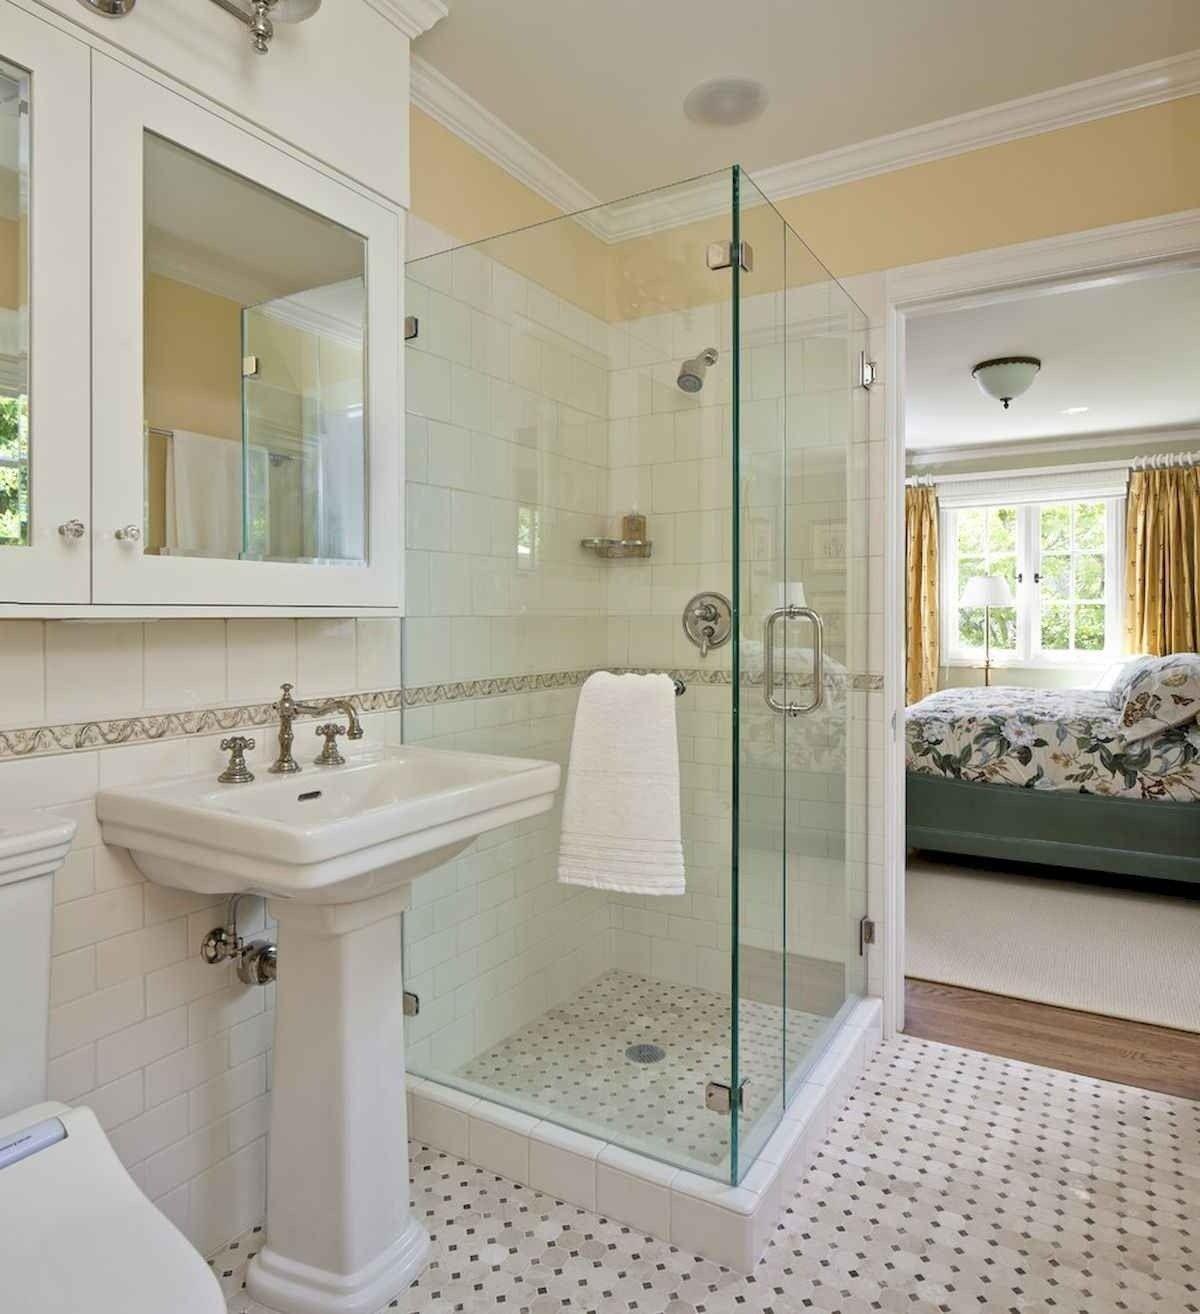 54 Amazing Small Bathroom Remodel Ideas Bathroom 54 Amazing Small Bathroom Remodel In 2020 Small Bathroom With Shower Small Full Bathroom Small Farmhouse Bathroom